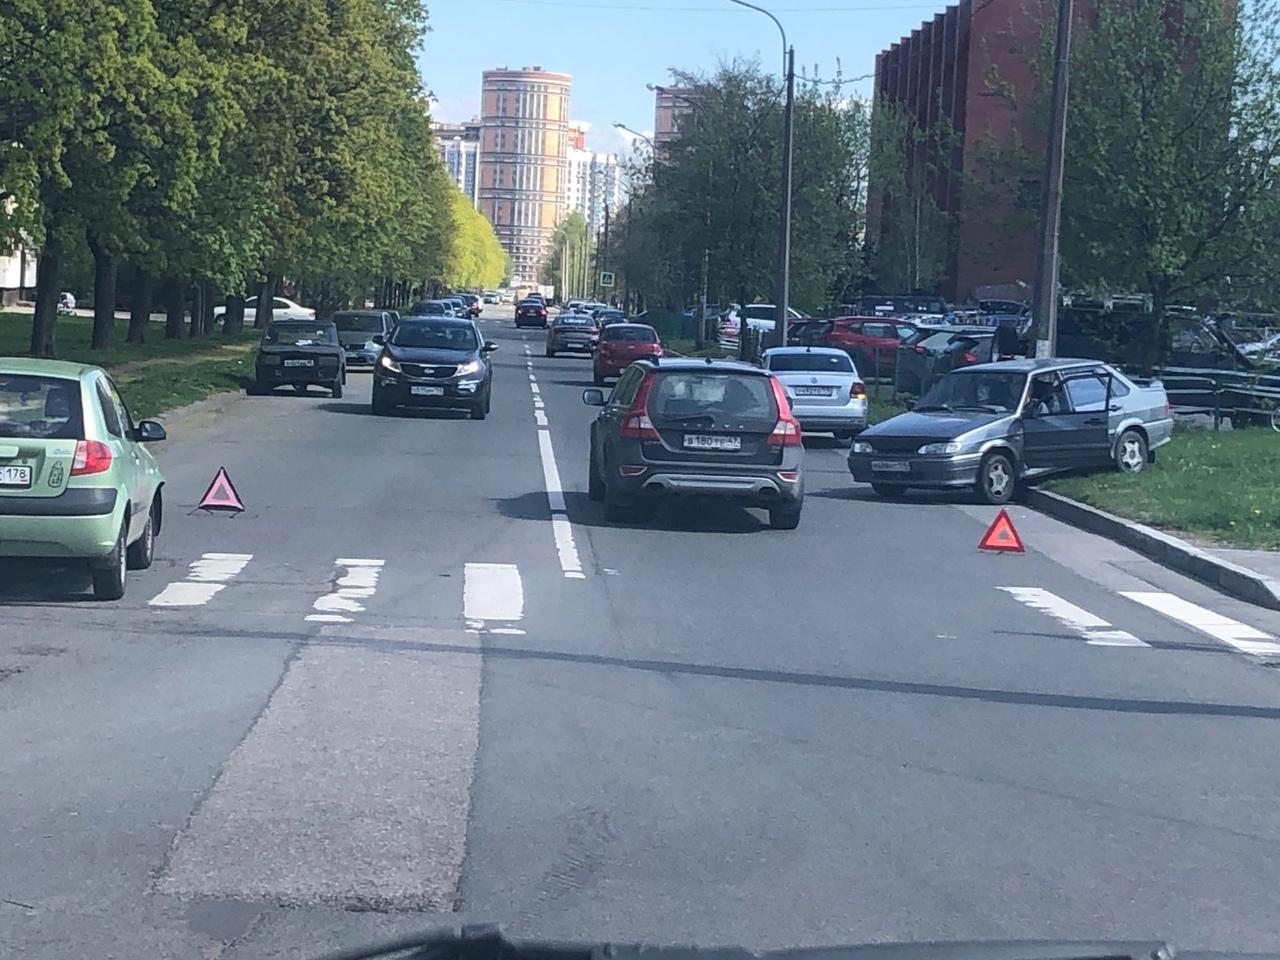 ДТП м несколькими автомобилями произошло на перекрёстке Аэродромной улицы и Серебристого бульвара